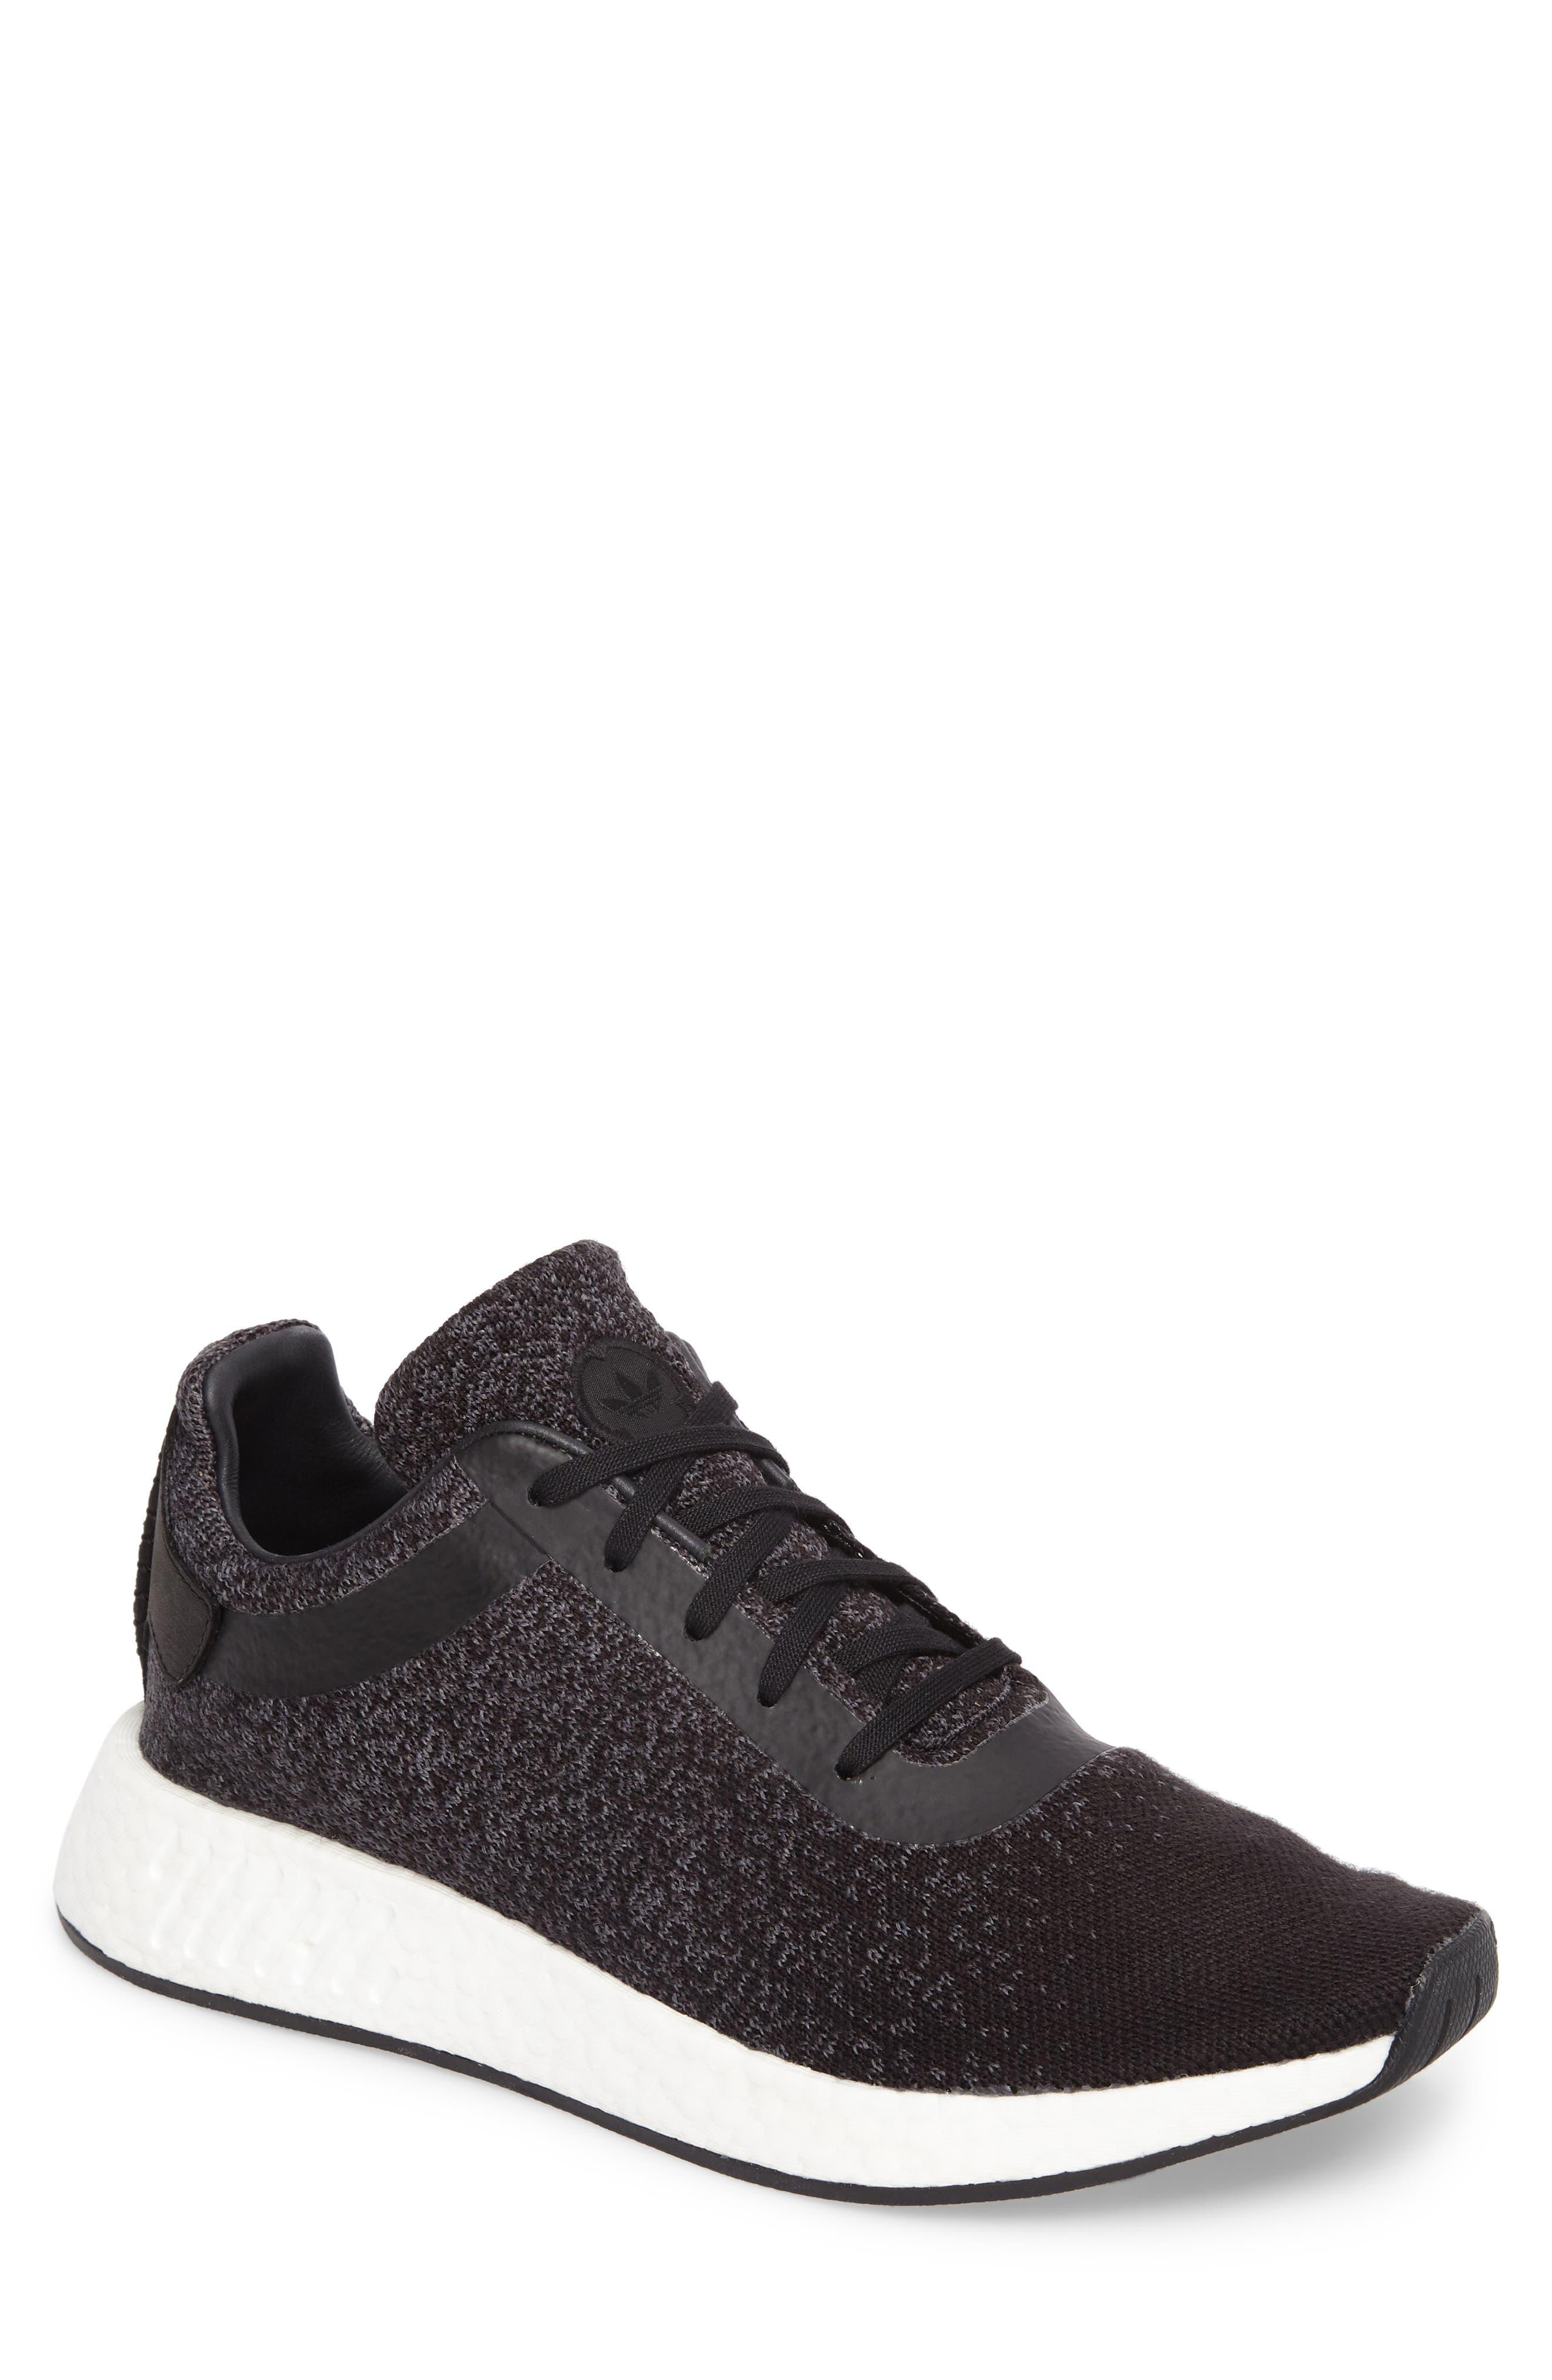 adidas x wings + horns Primeknit NMD_R2 Sneaker (Men)